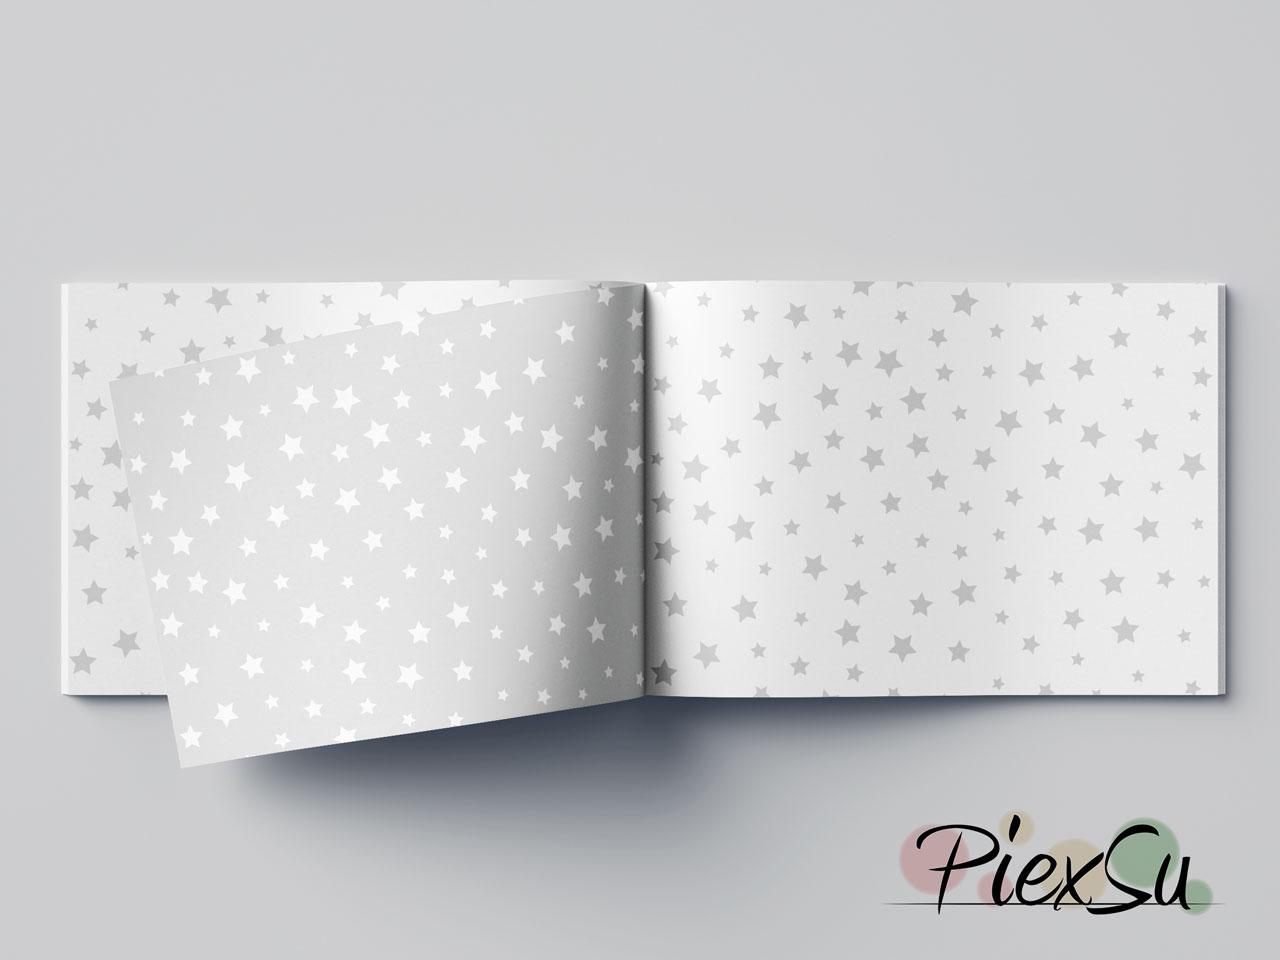 PiexSu-Digipapier-Sterne-Blau-digipaper-durcken-basteln03